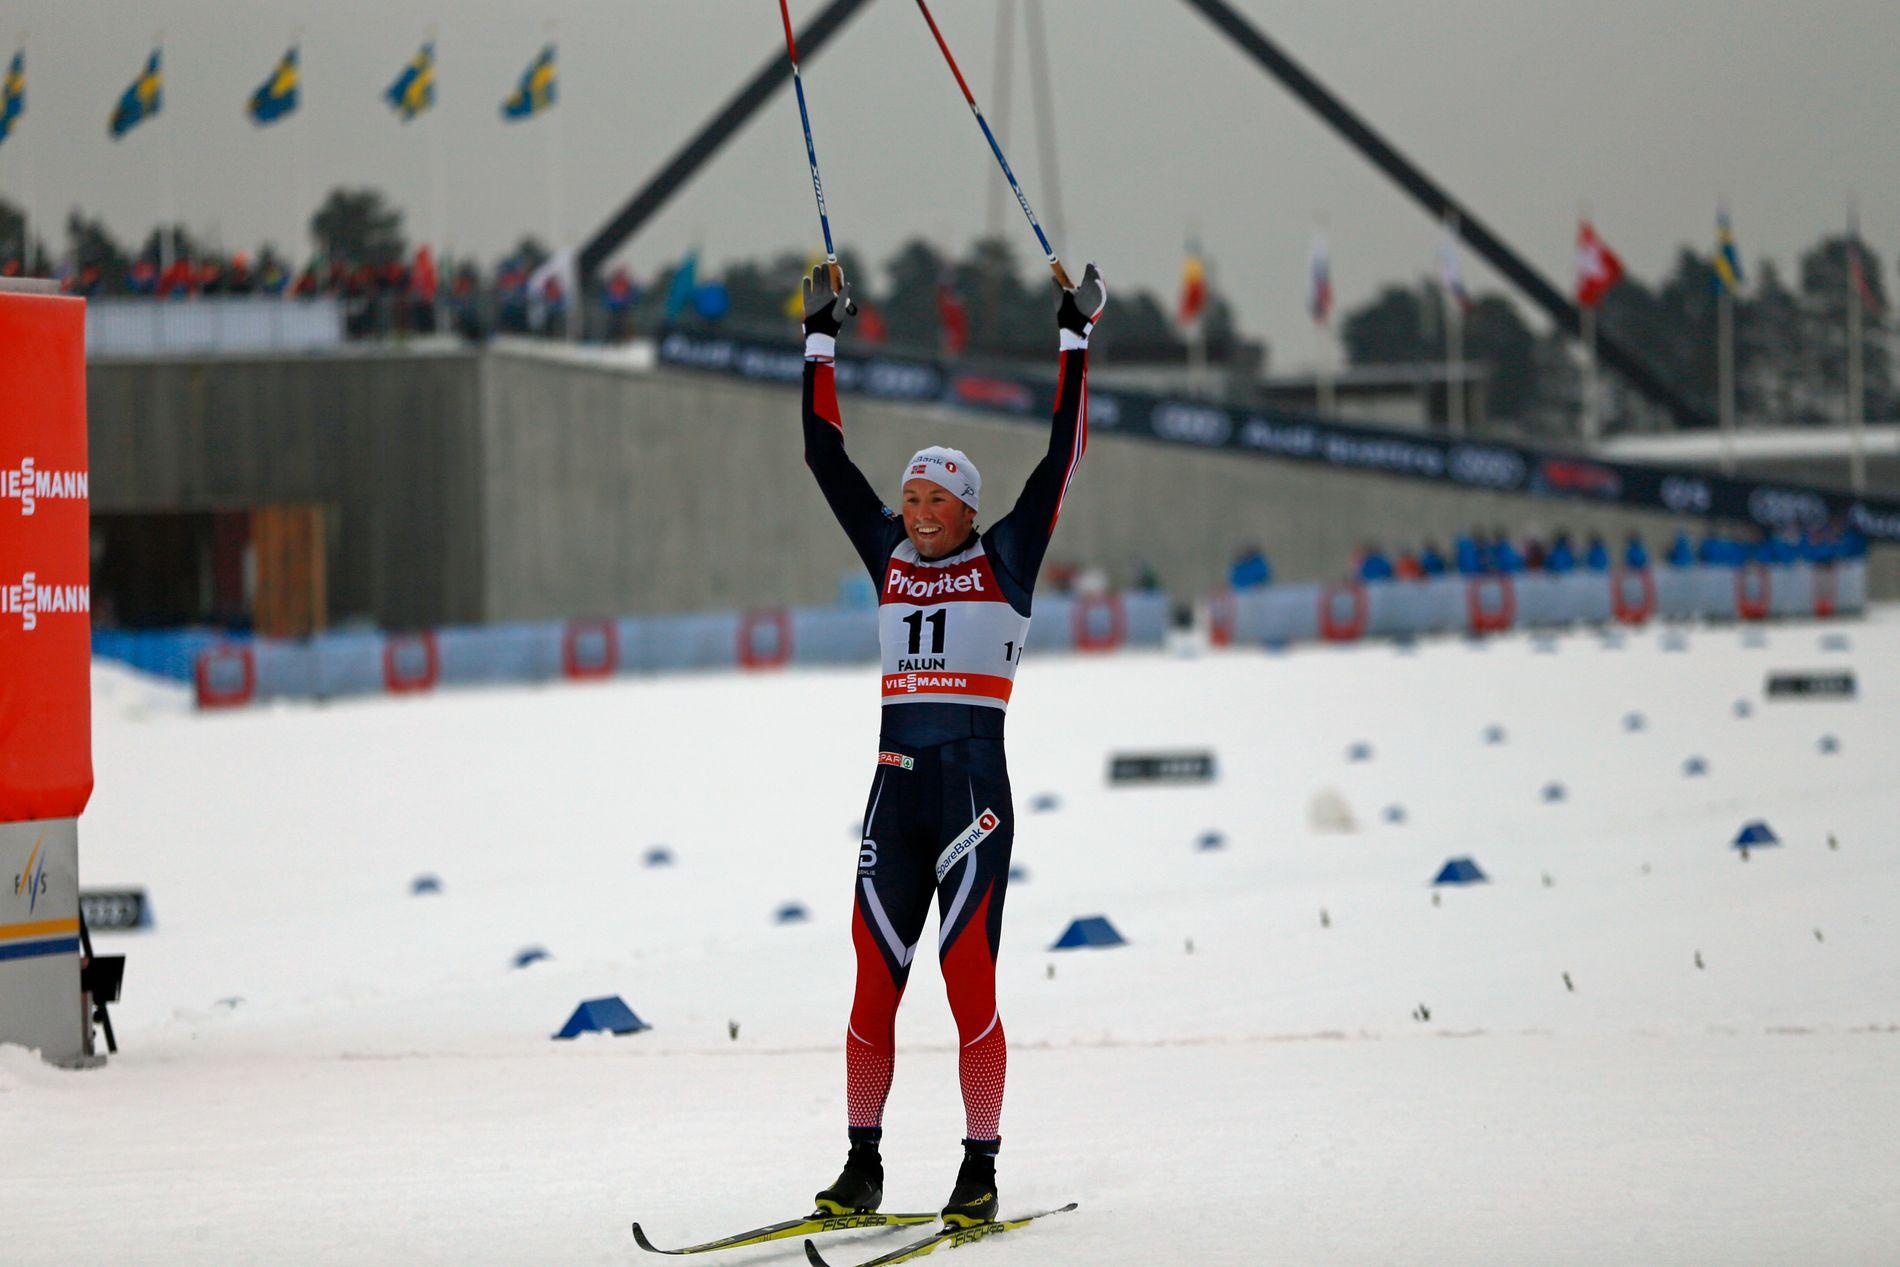 KNALLSTERK: Emil Iversen tok en imponerende seier på tremila i Falun. Han blir et av Norges aller sterkeste kort under VM, som starter i Lahti om en liten måned.